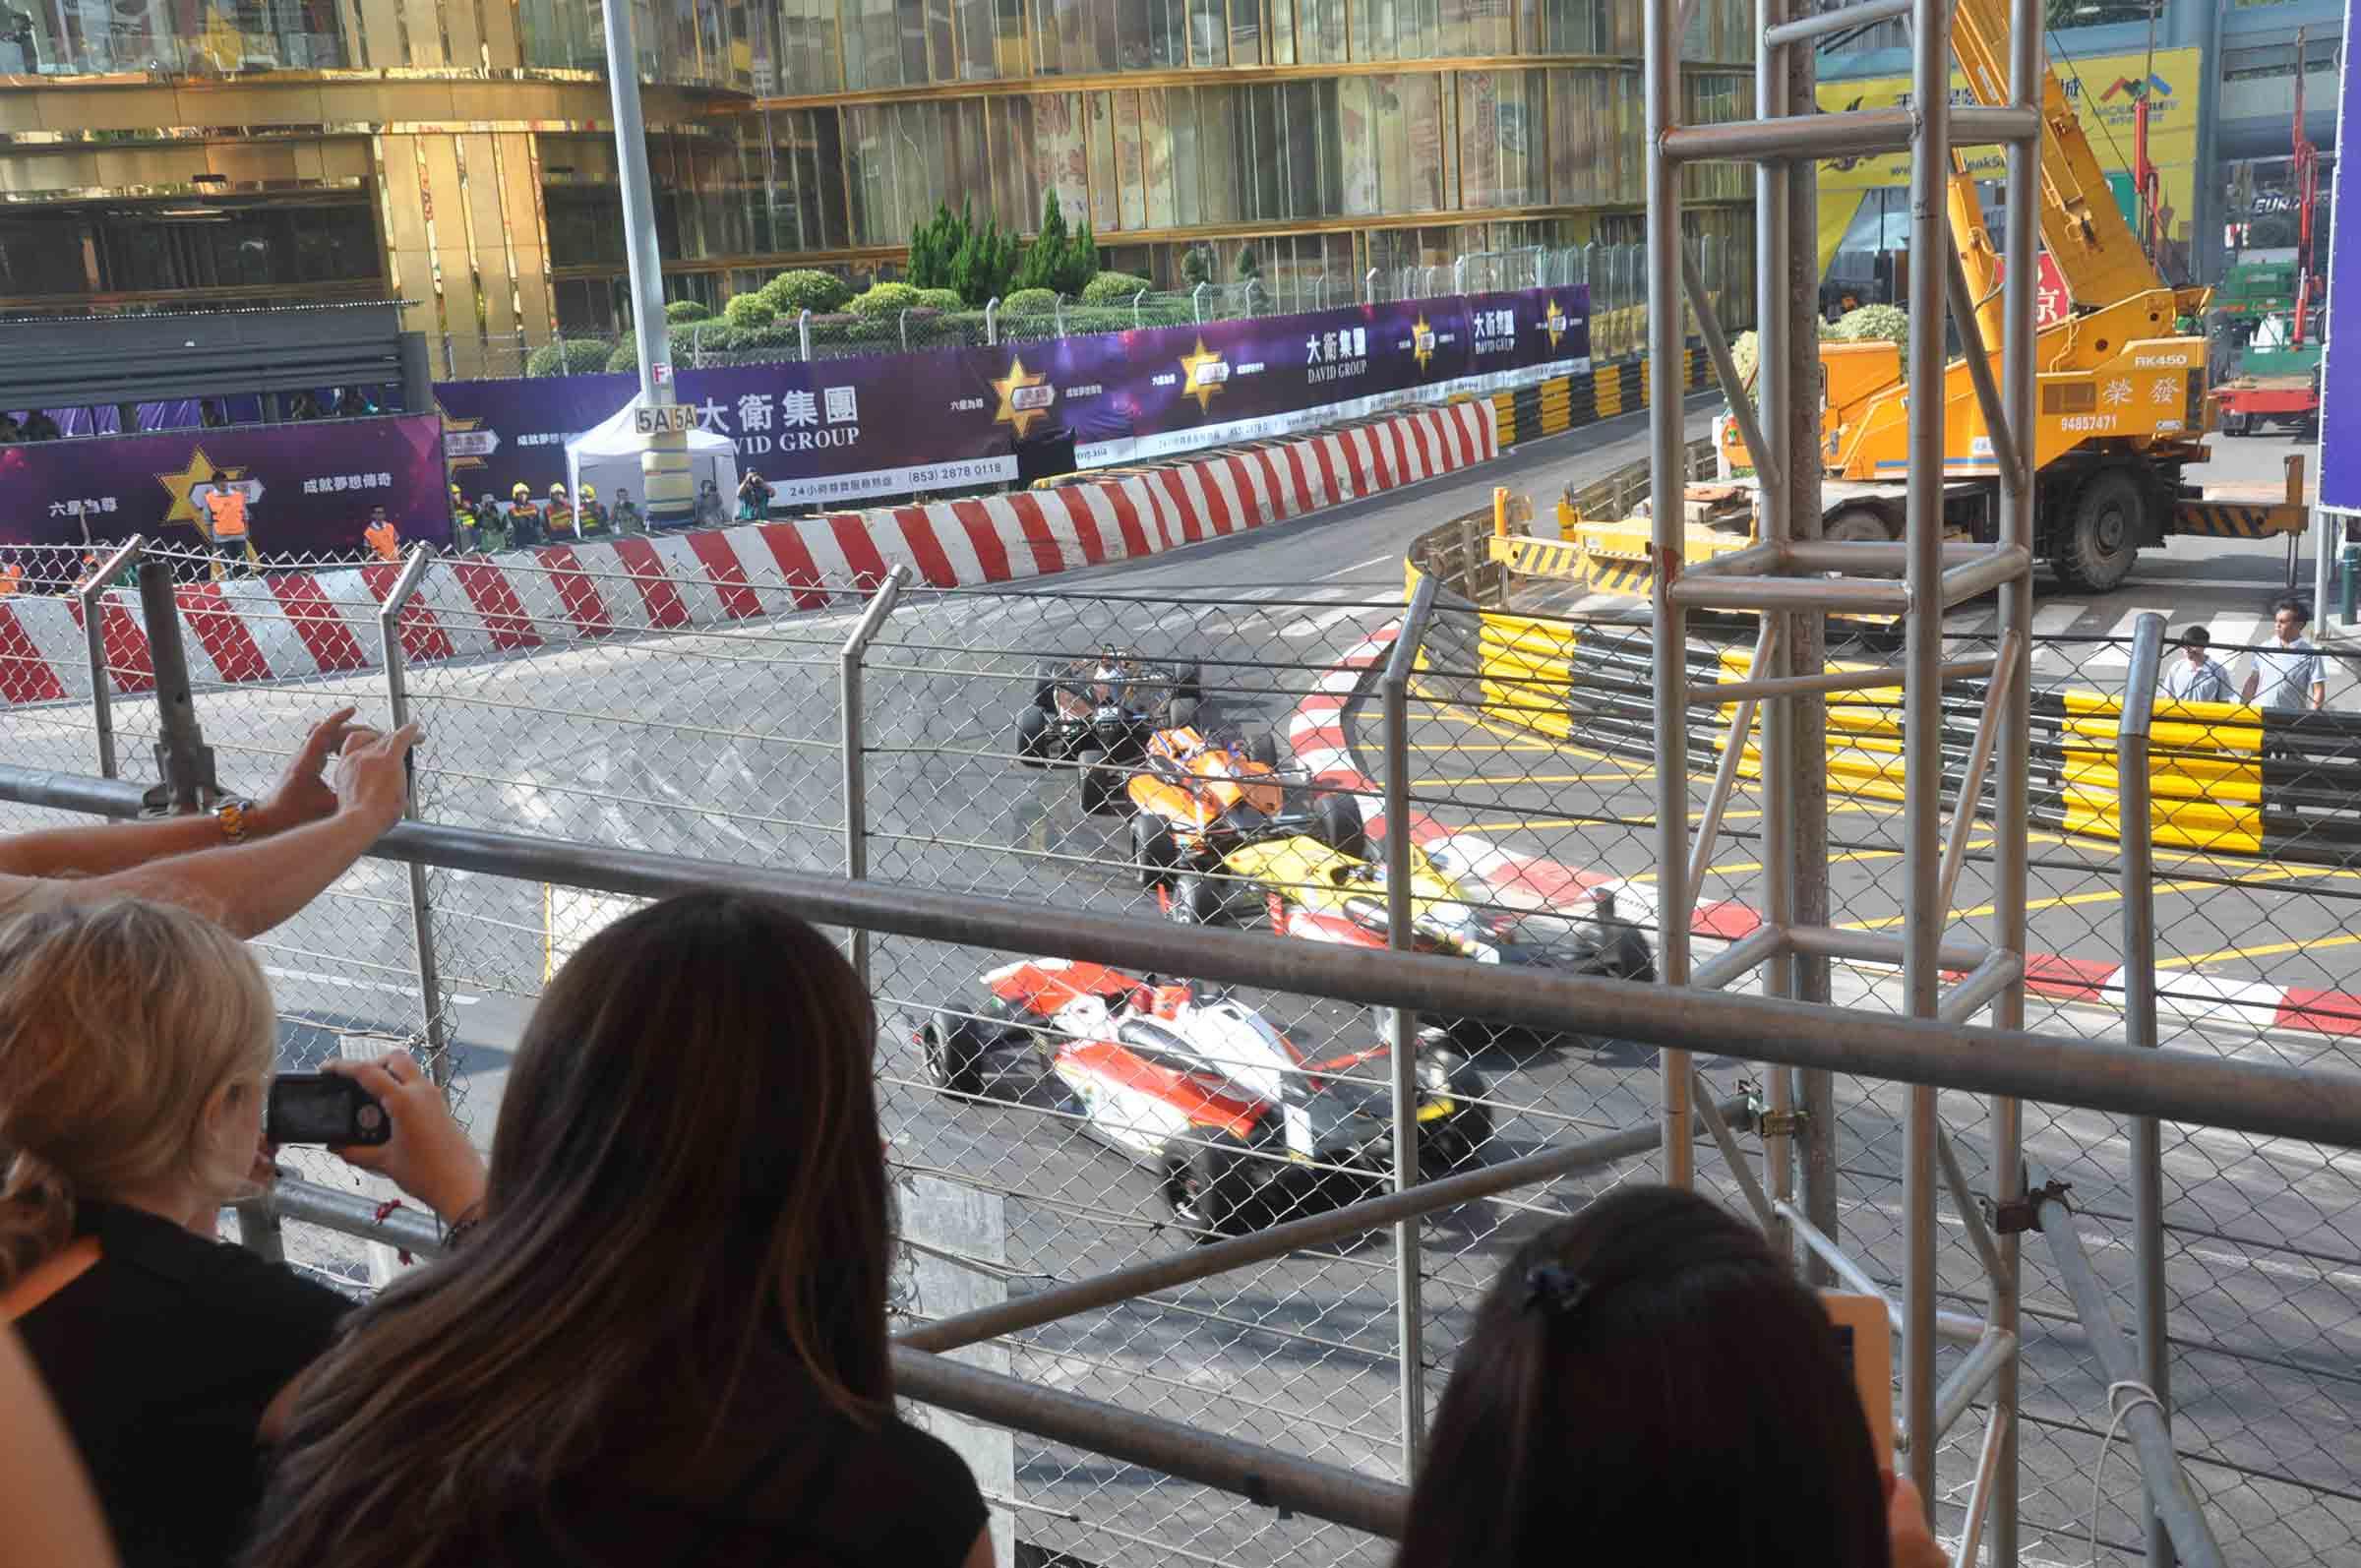 Macau F3 Grand Prix Qualifying Race